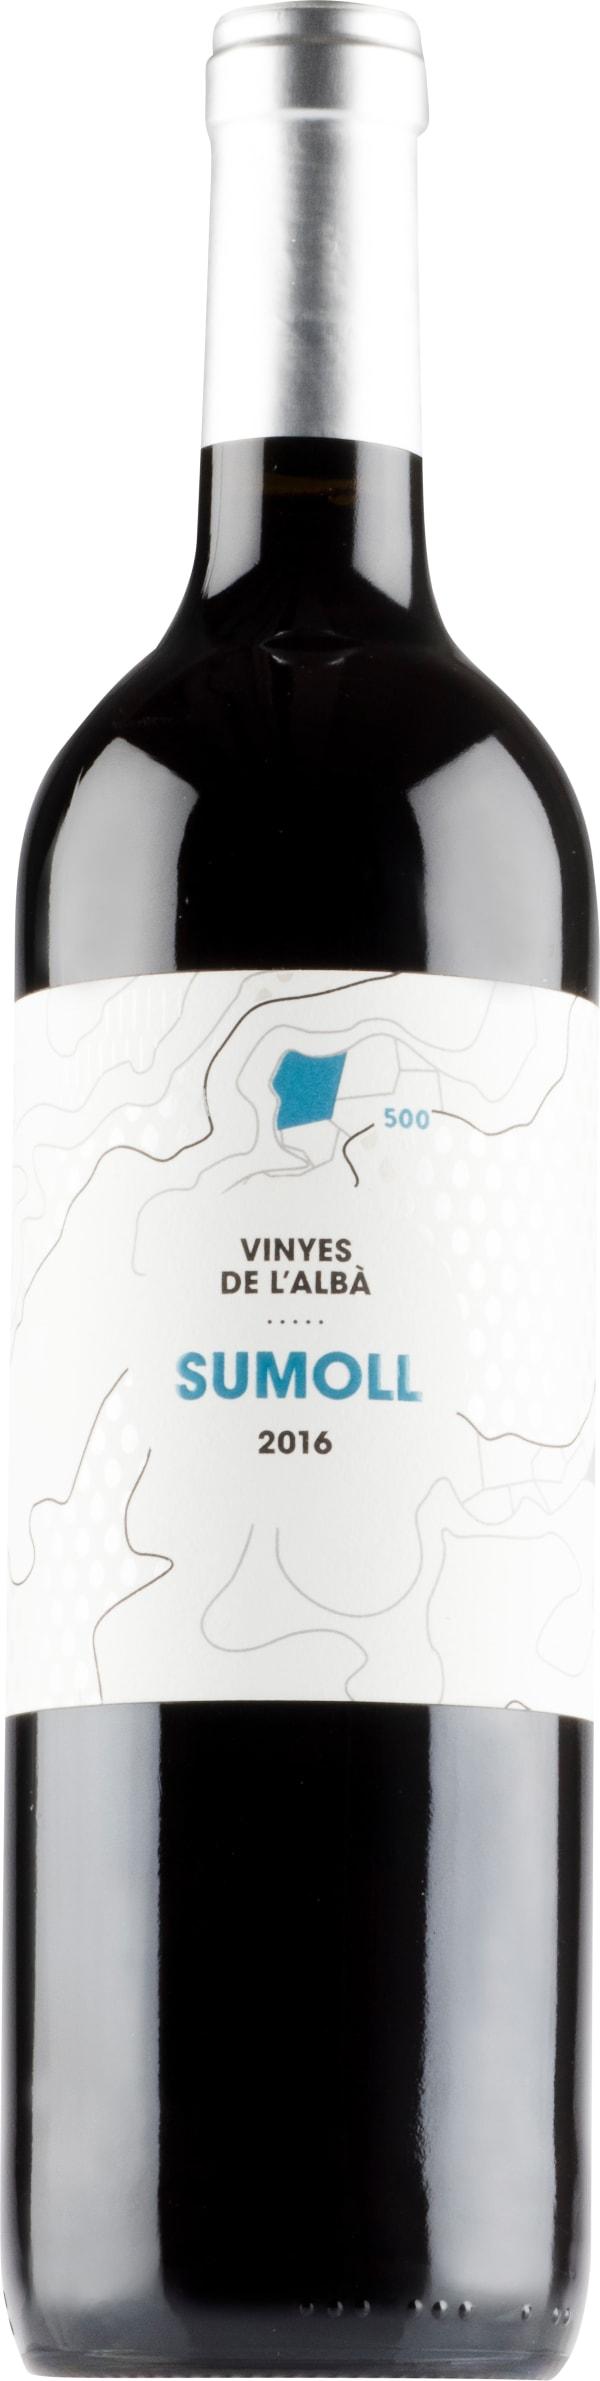 Vinyes De L'Albà Sumoll 2016